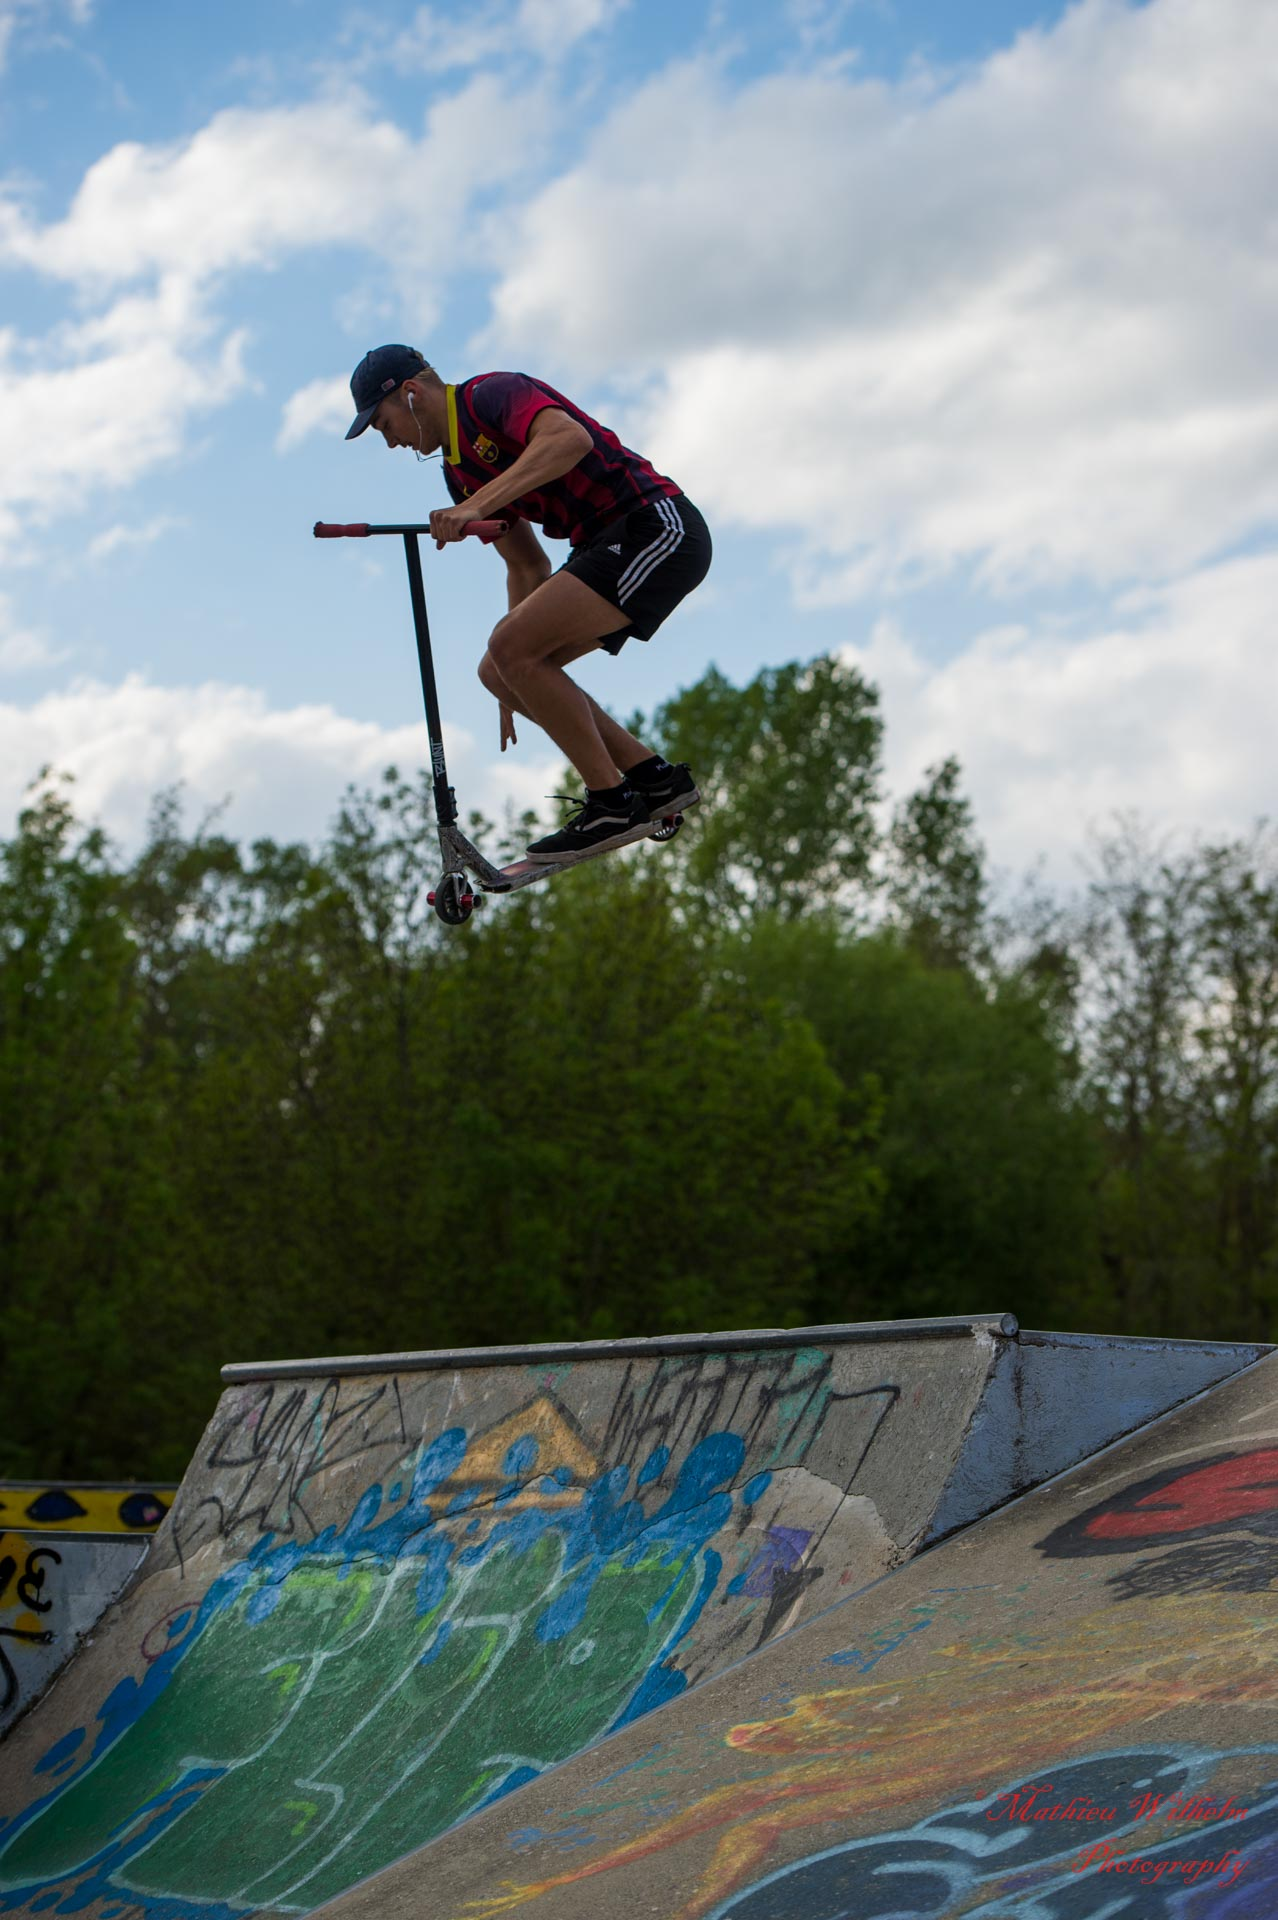 2018-04-25 Skate parc cernay (12)